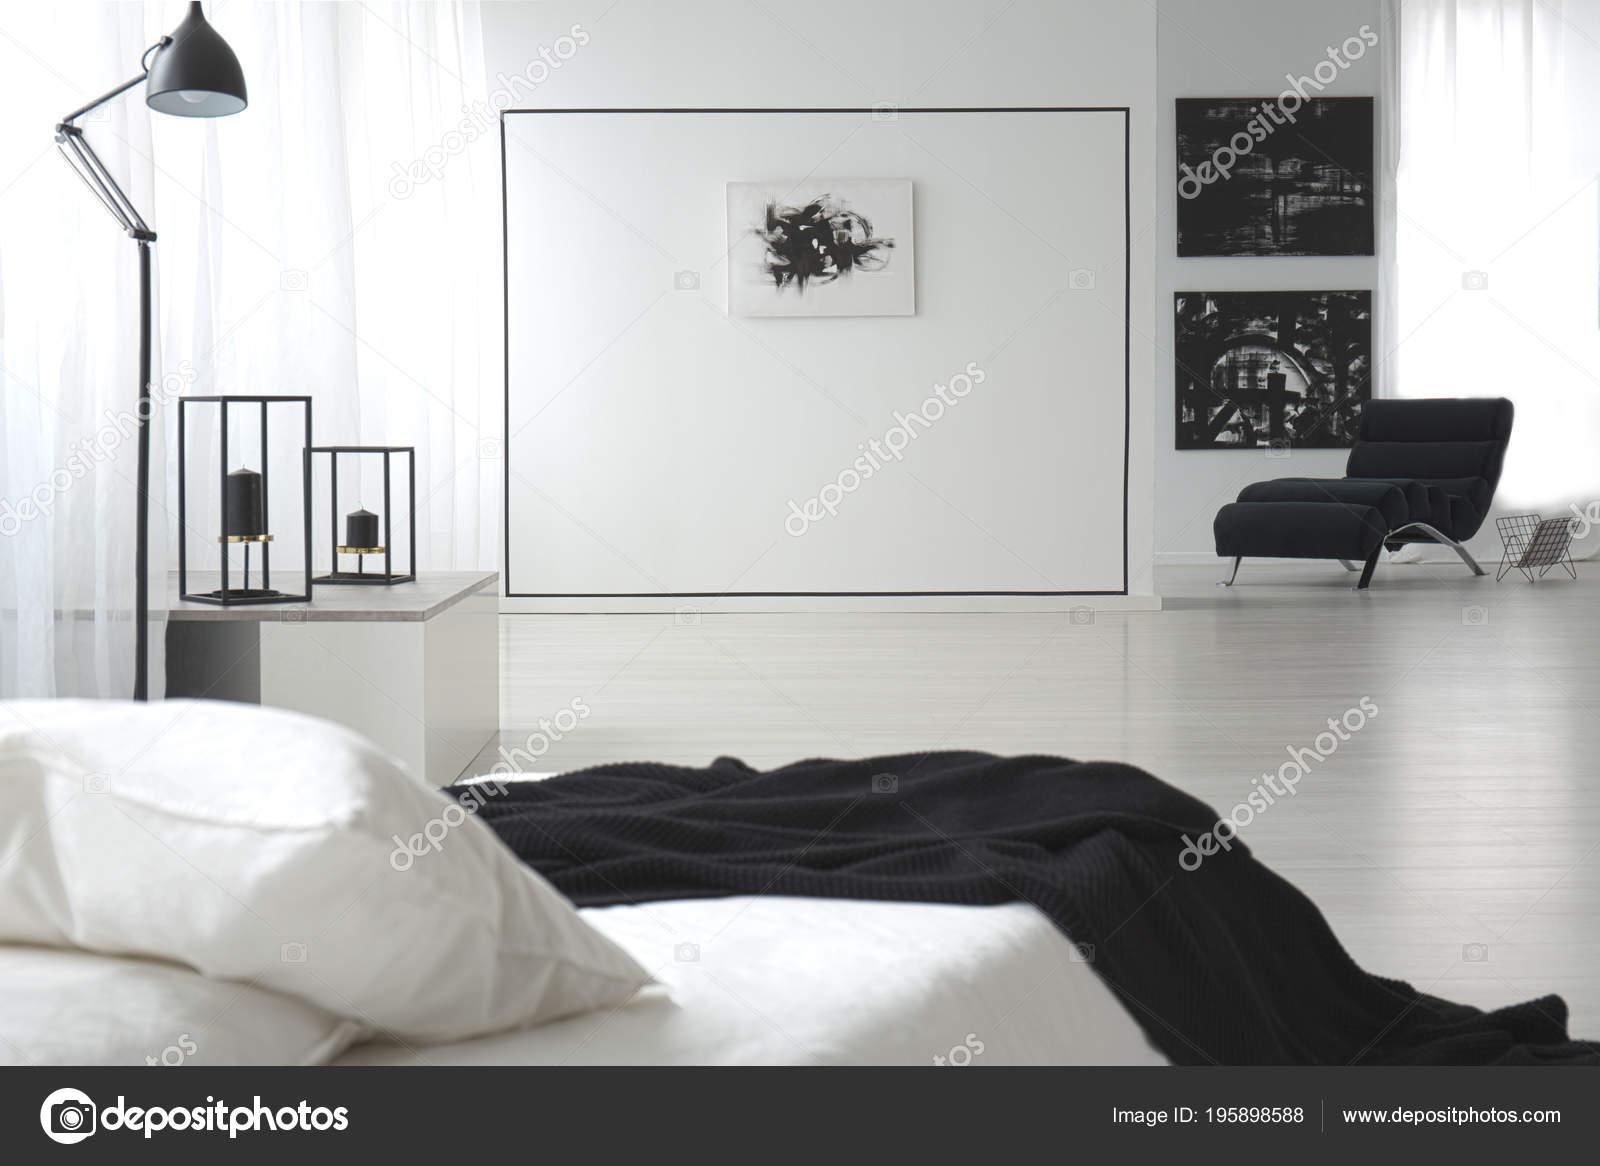 Agreable Noir Blanc Intérieur Chambre Coucher Avec Lit Double Peintures Décoration U2014  Photo